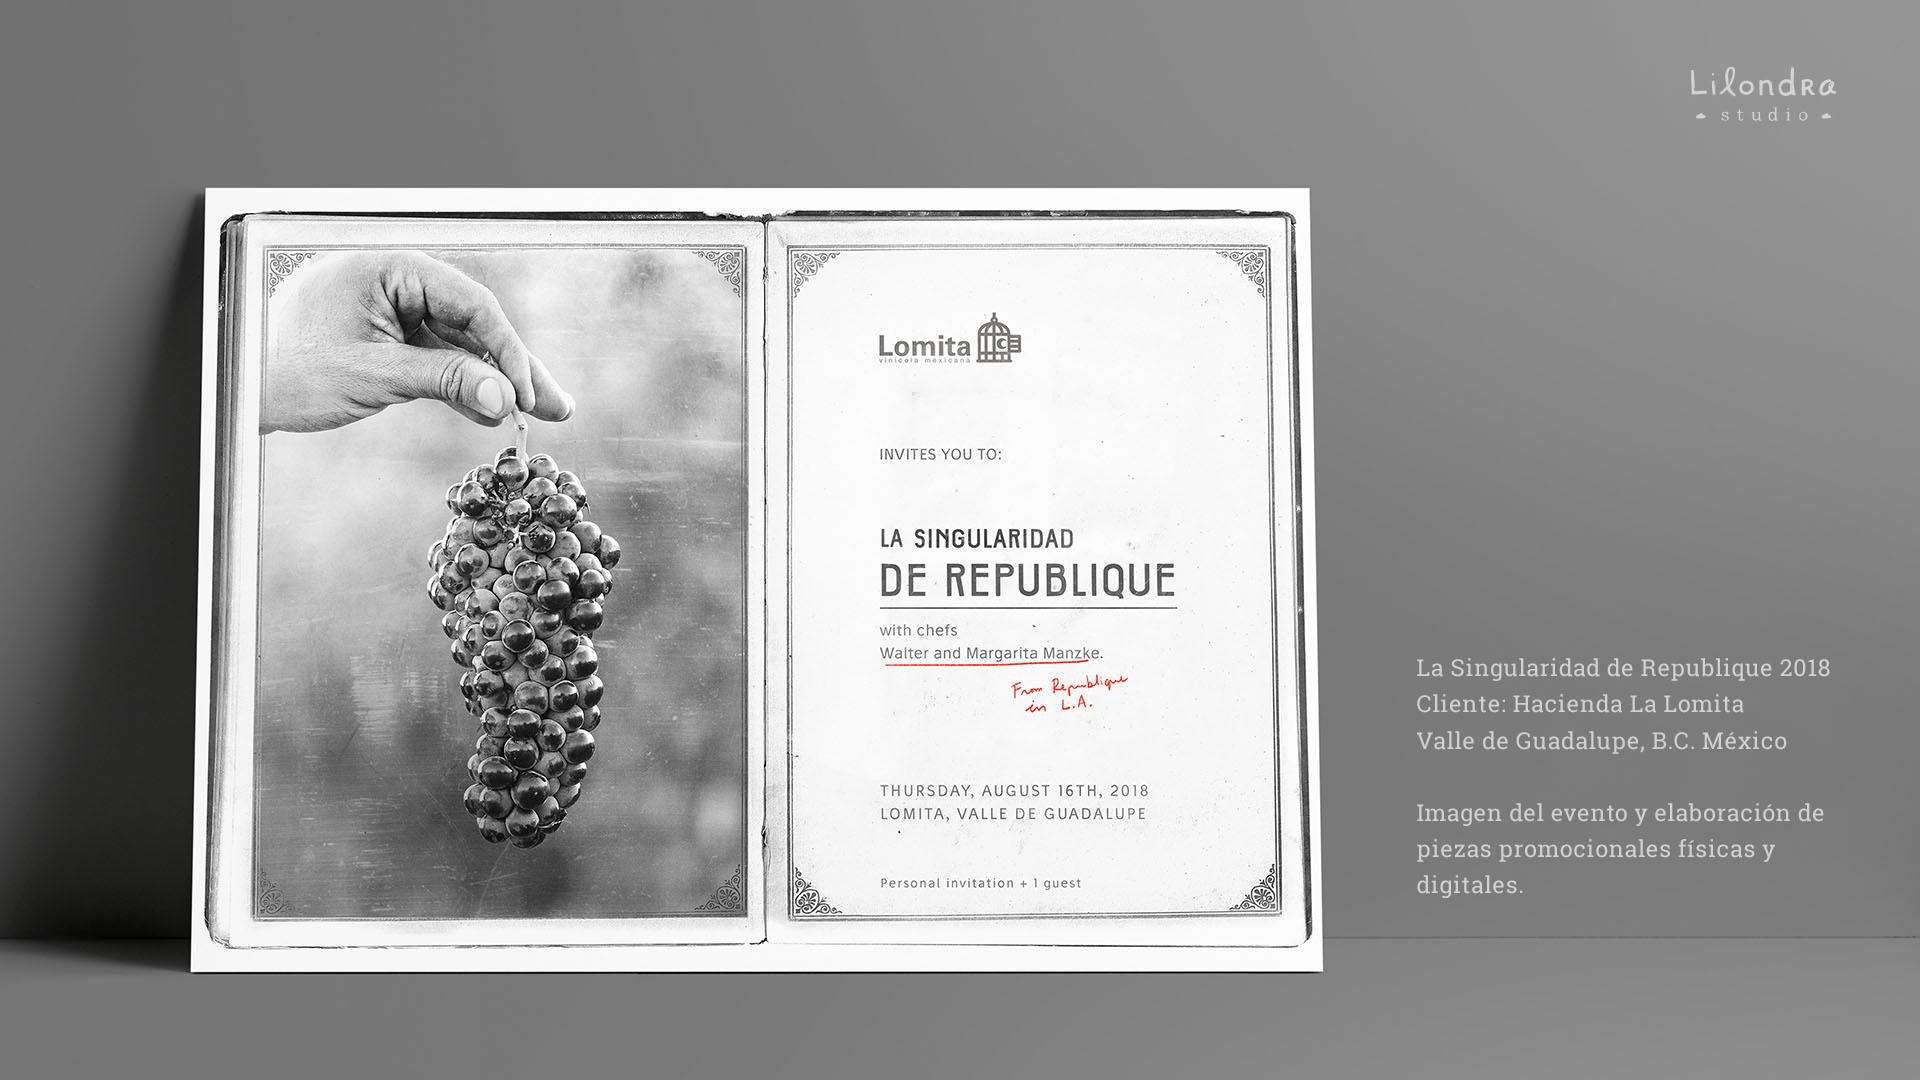 Material_Restaurantes_LilondraStudio03.jpg